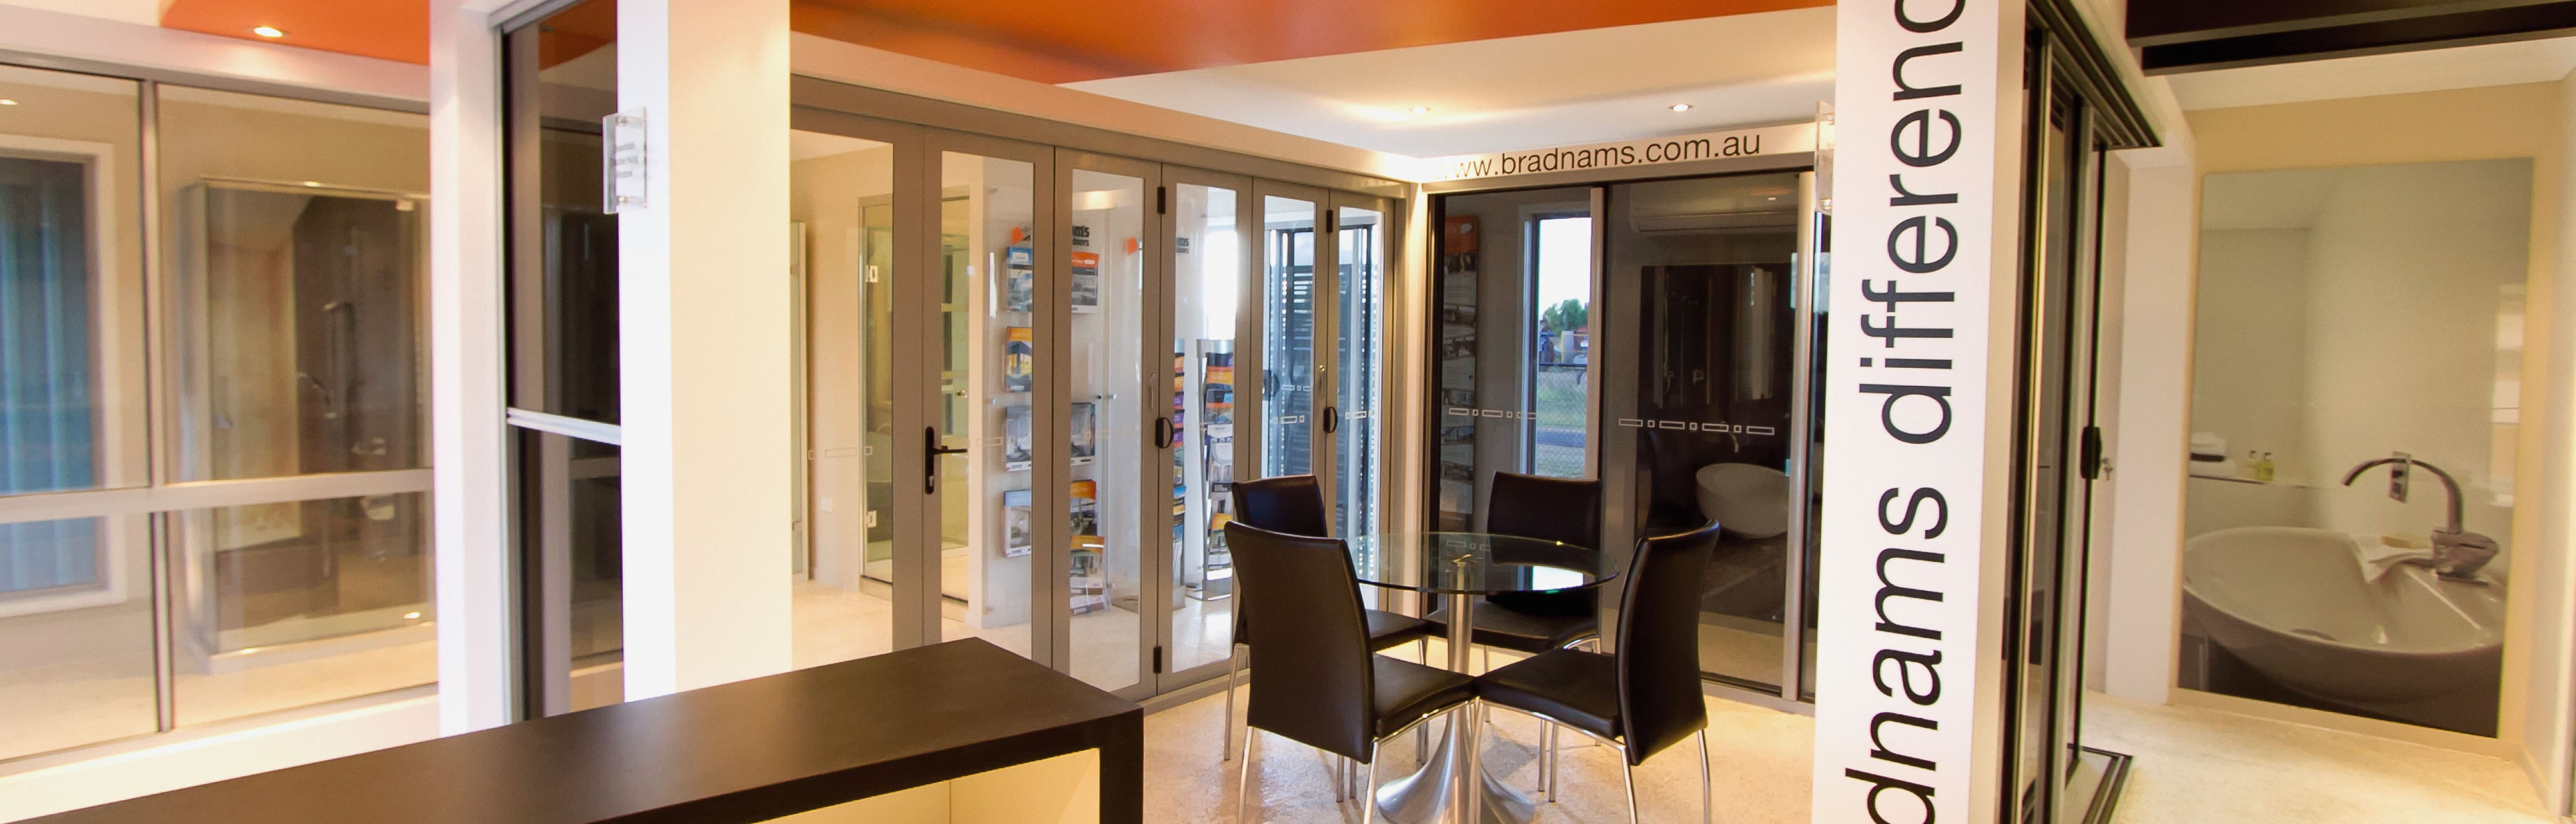 Bradnam's Windows & Doors Emerald showroom